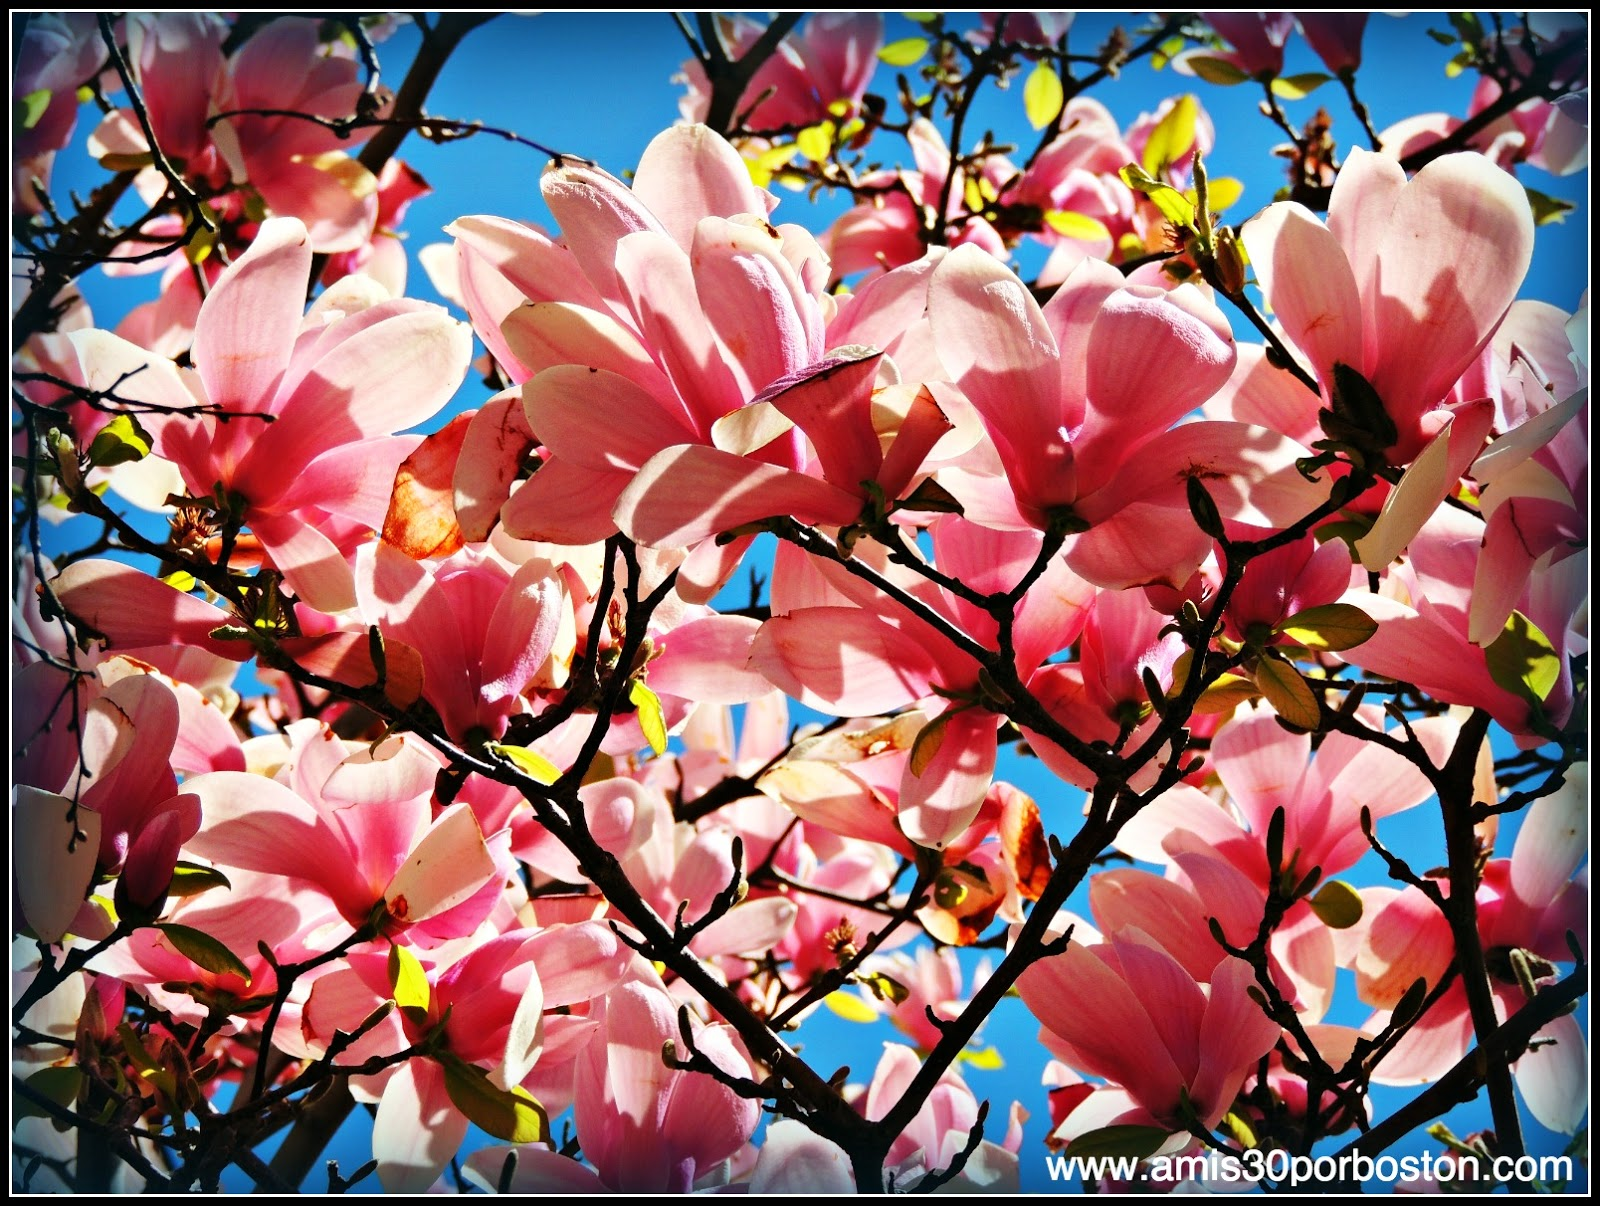 Primavera 2014: Magnolias